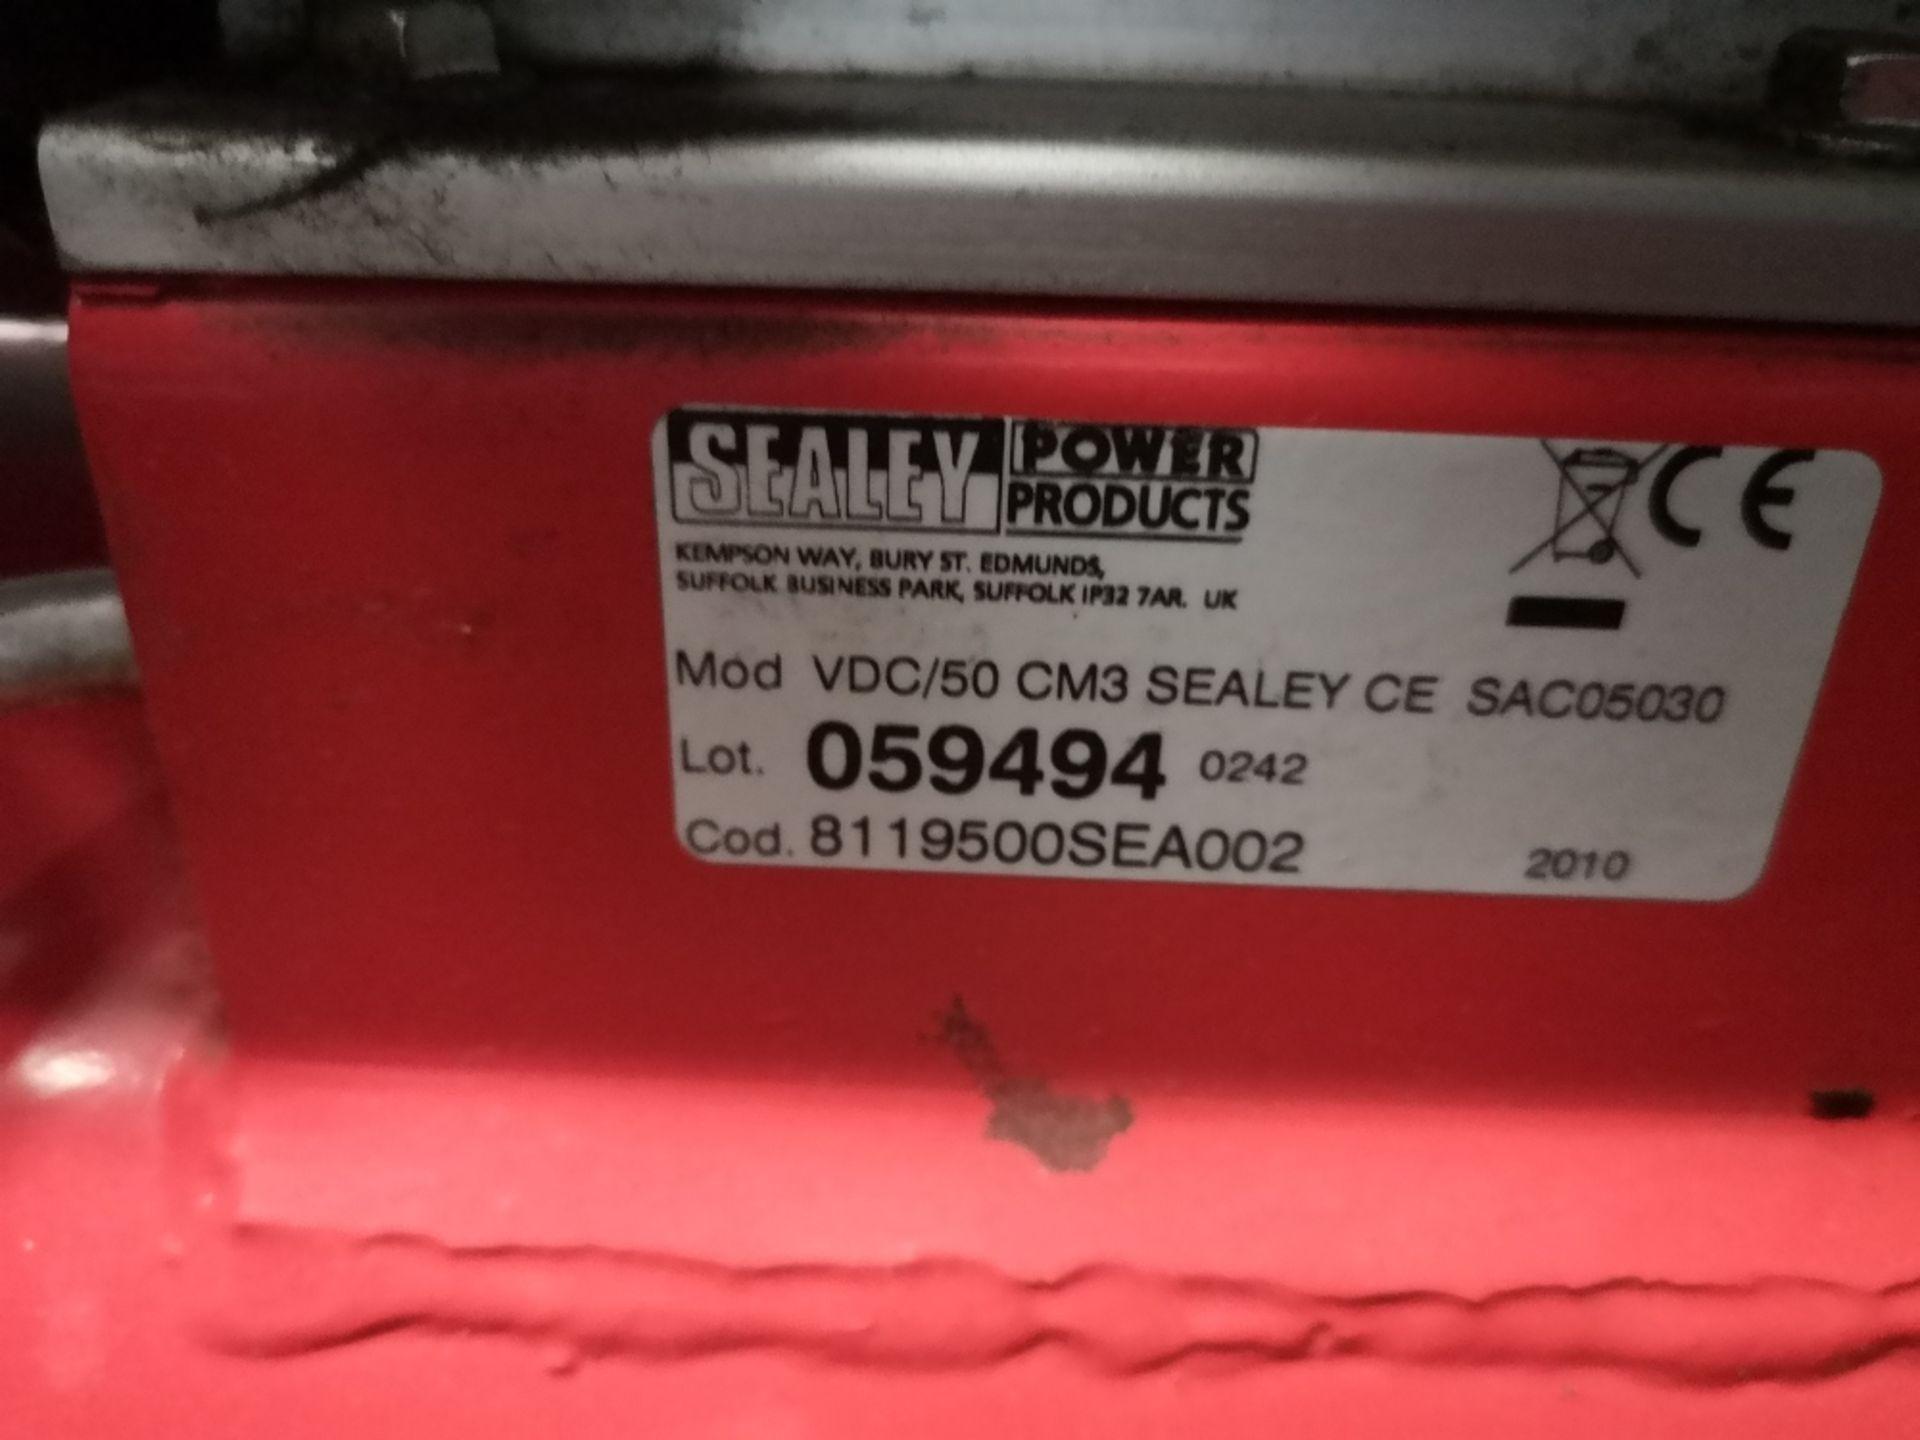 SIP Airmate VDC/50 CM3 Air compressor - Image 3 of 3